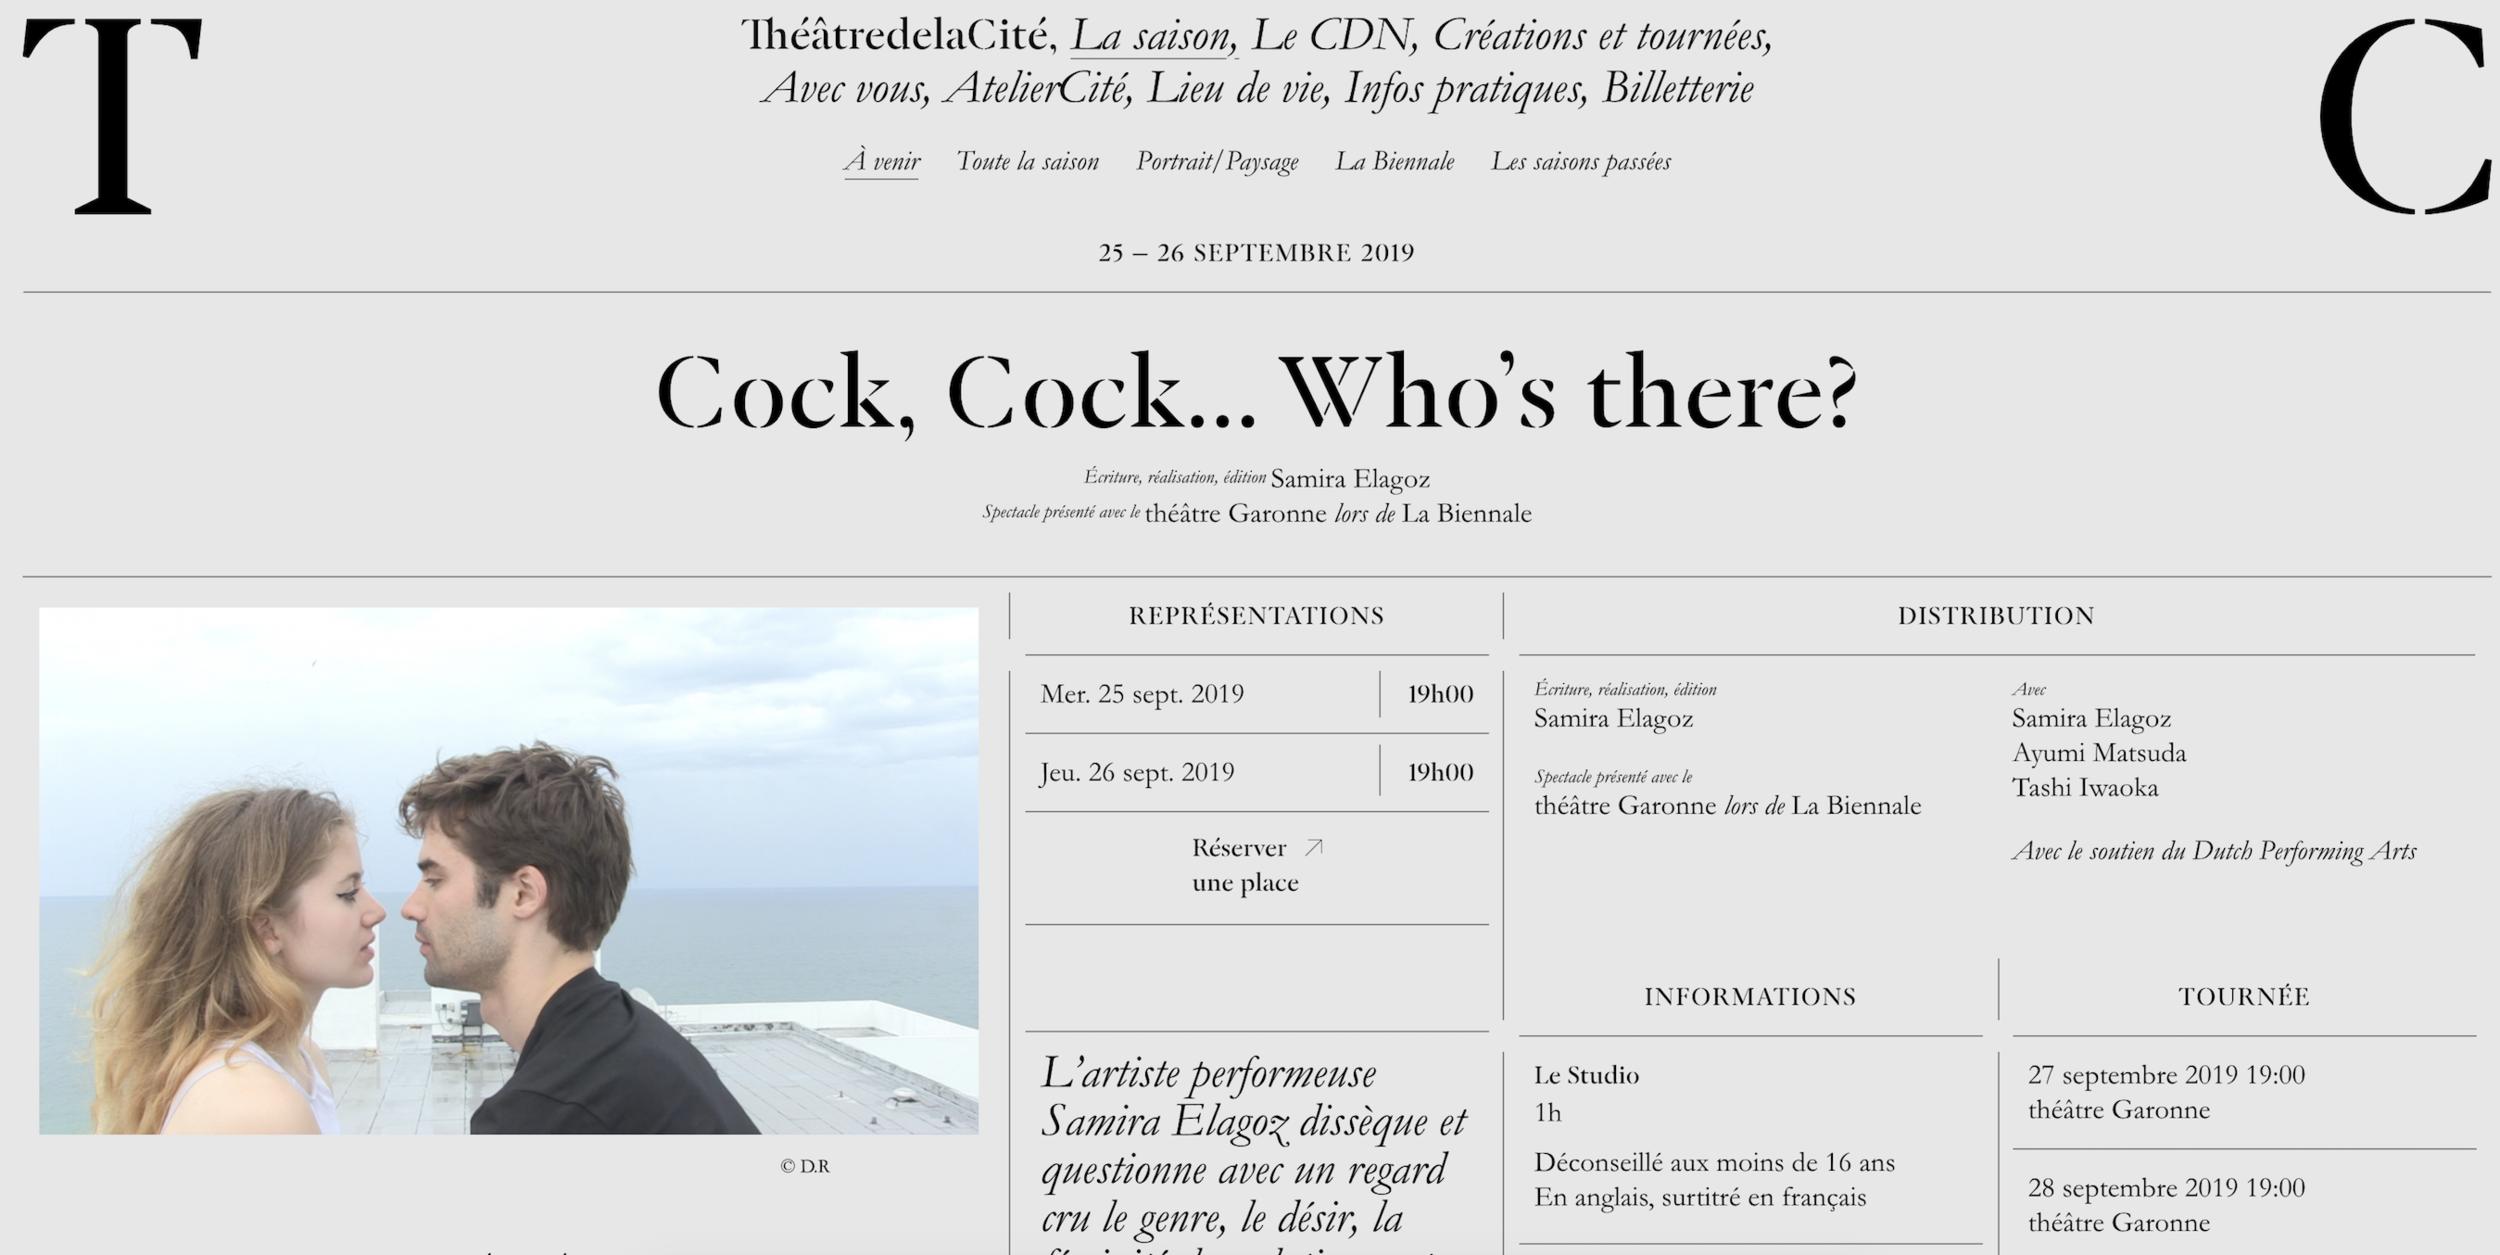 Cock, Cock.. Who's There? @ La Biennale in Toulouse, Théâtre De la Cité 25th + 26th of September